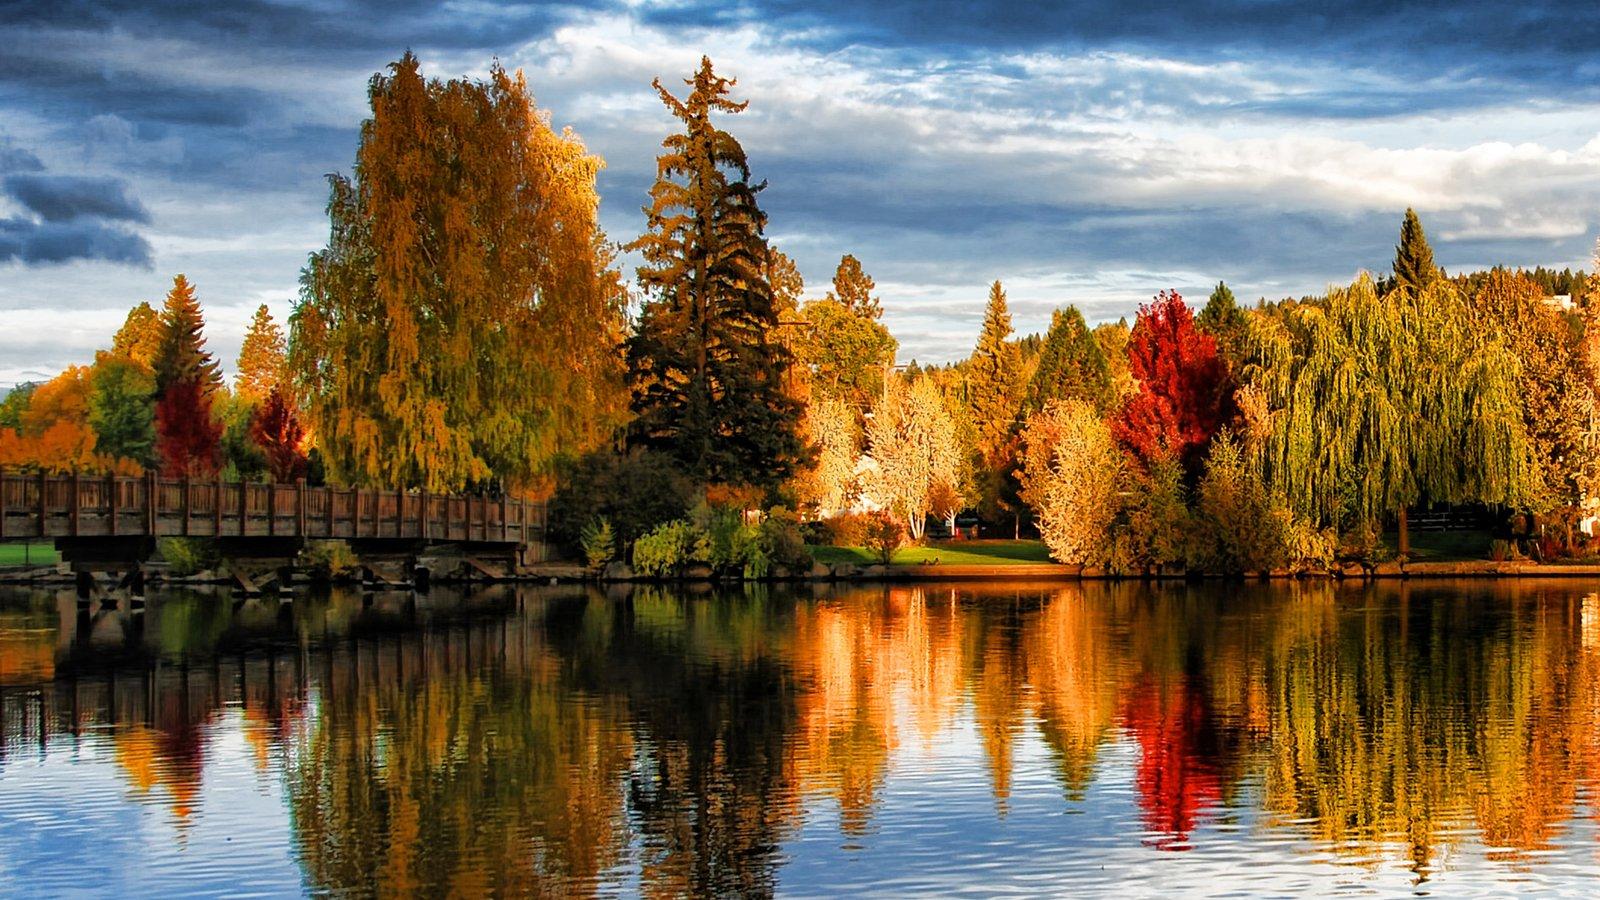 Bend que incluye un parque, un puente y los colores del otoño